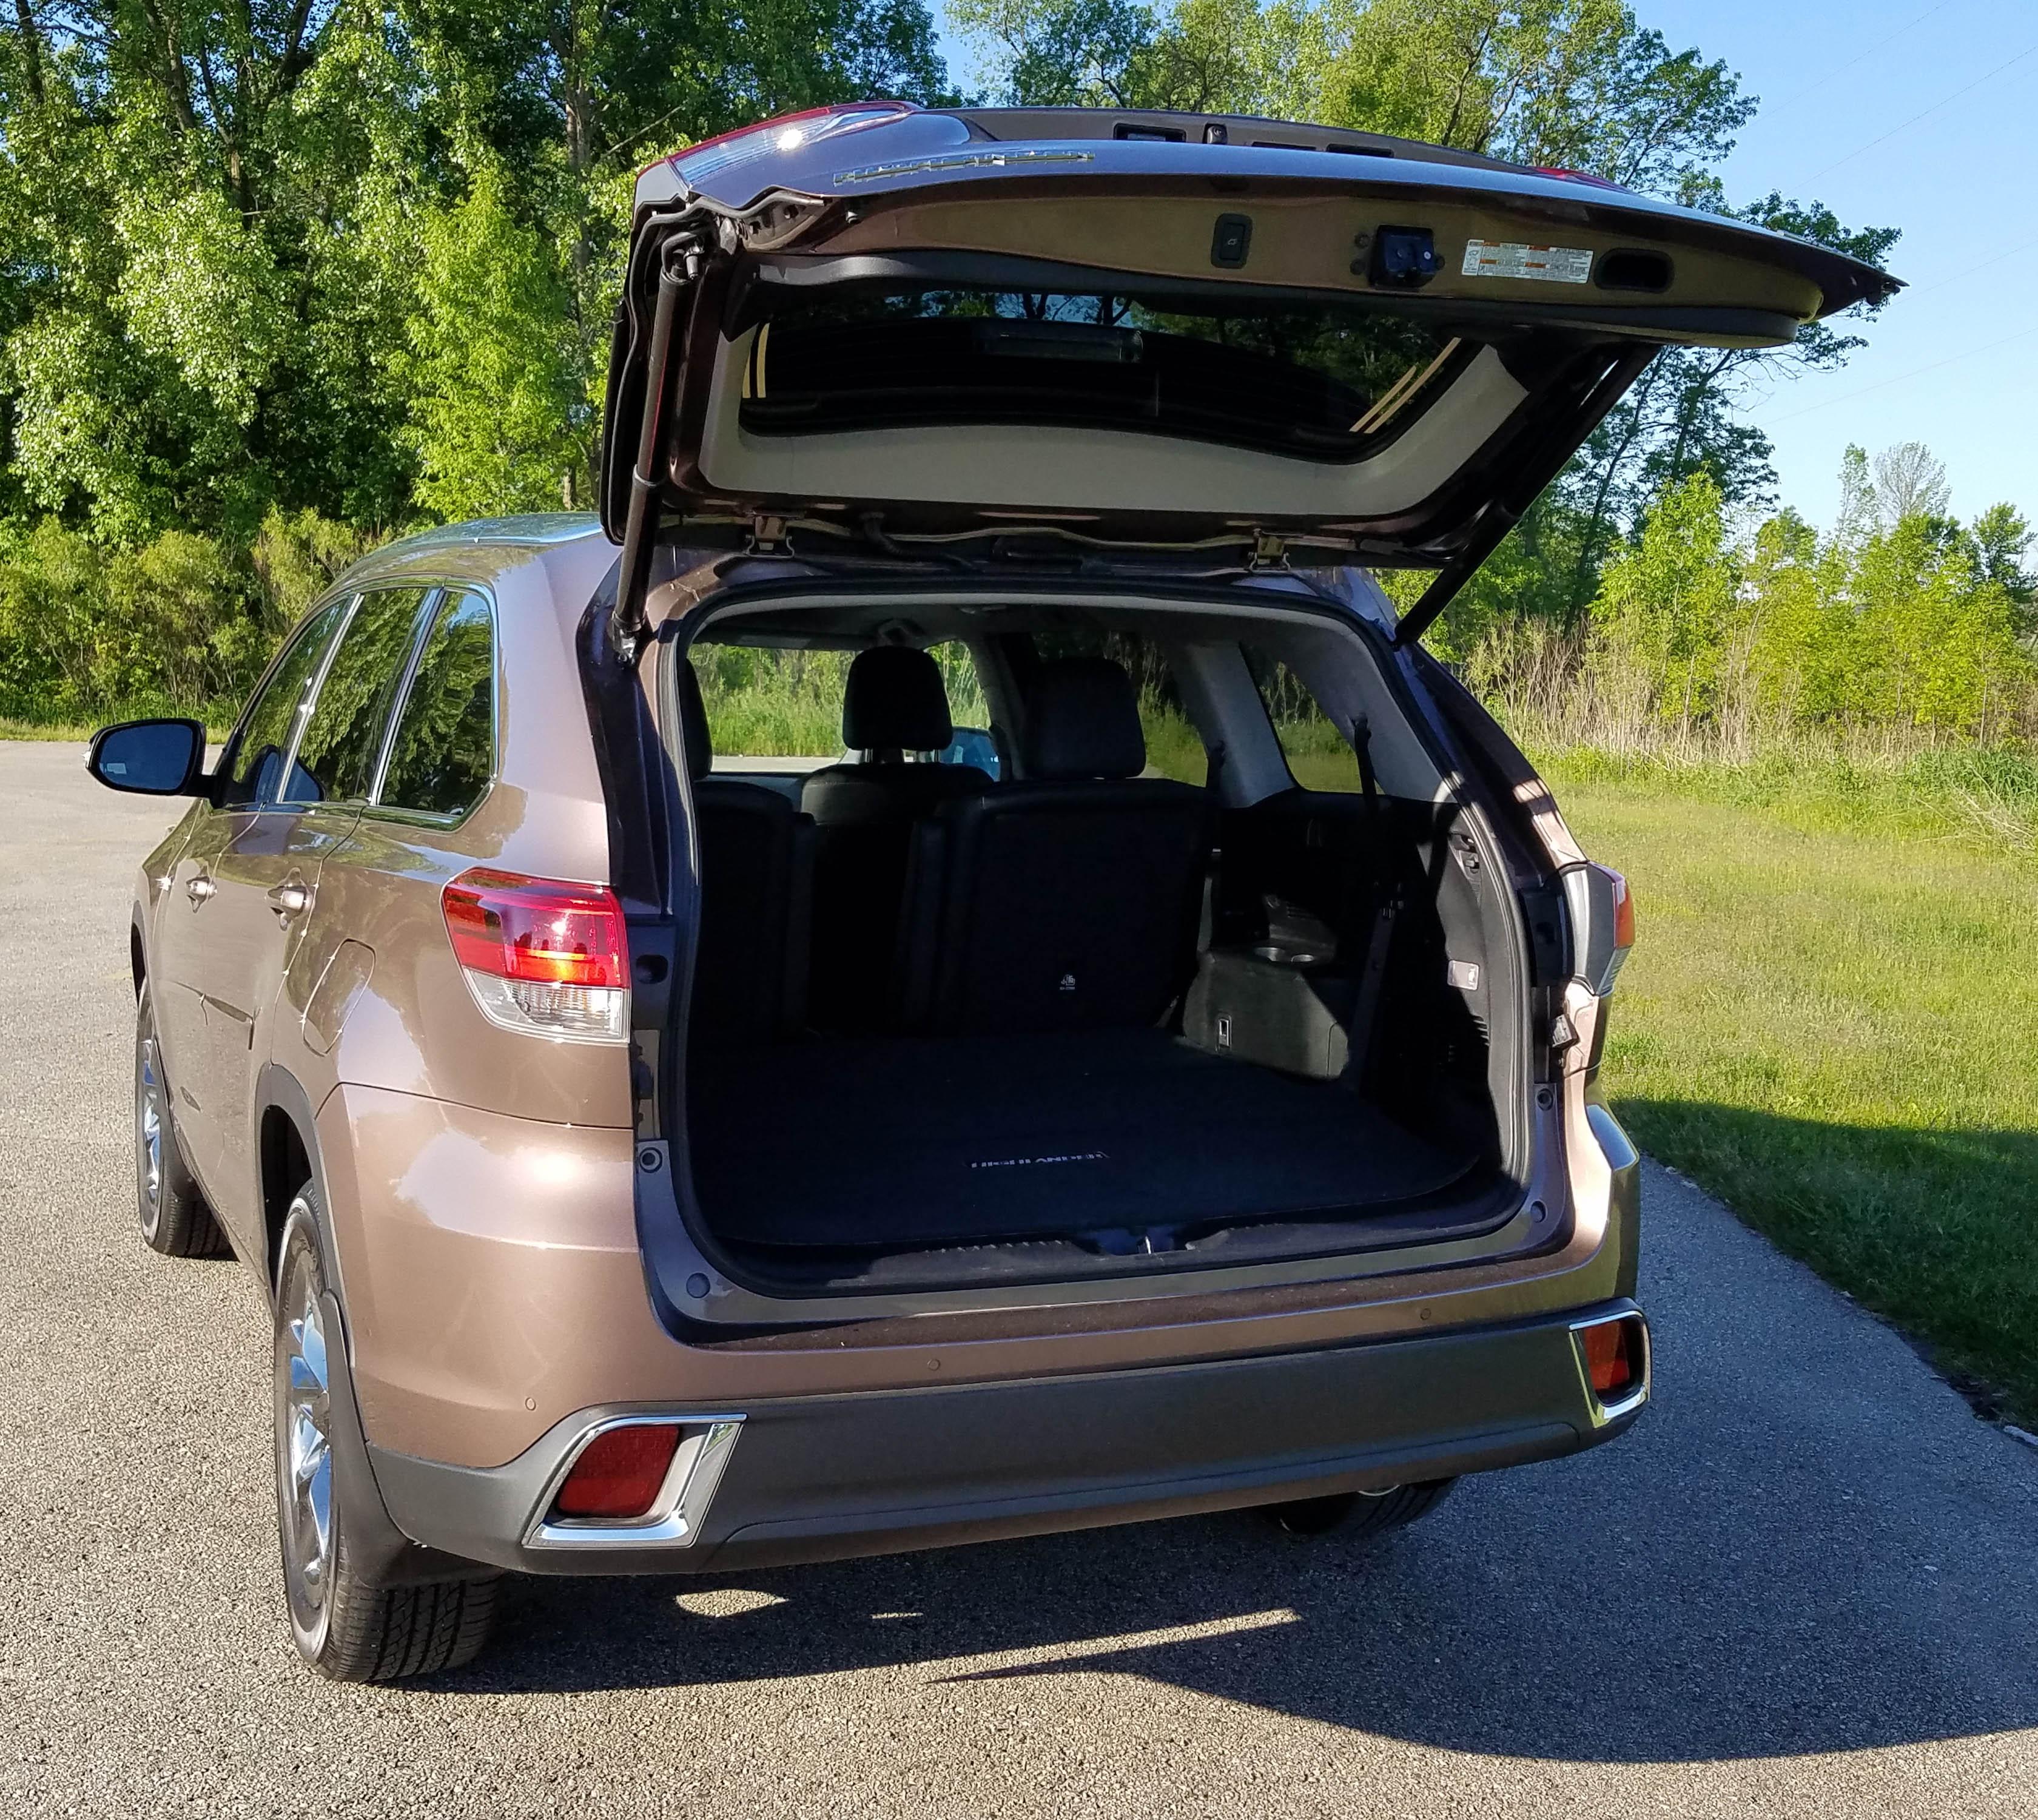 Hybrid Toyota Highlander: 2017 Toyota Highlander Hybrid Ltd. Platinum